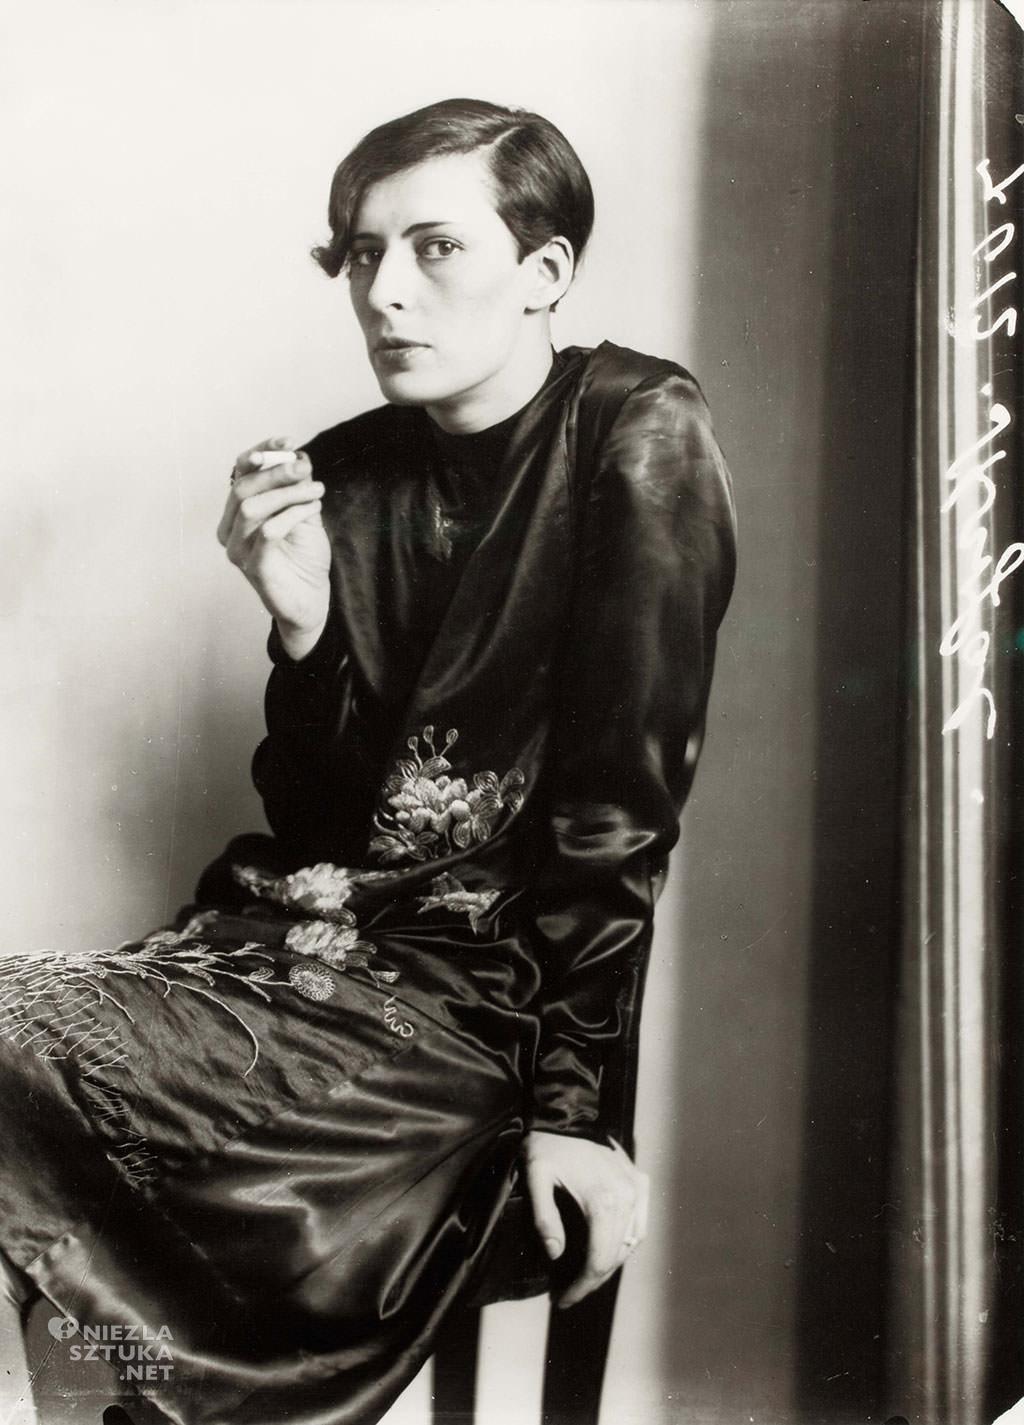 August Sander, Sylvia von Harden, fotografia, portret kobiecy, portret, Niezła Sztuka